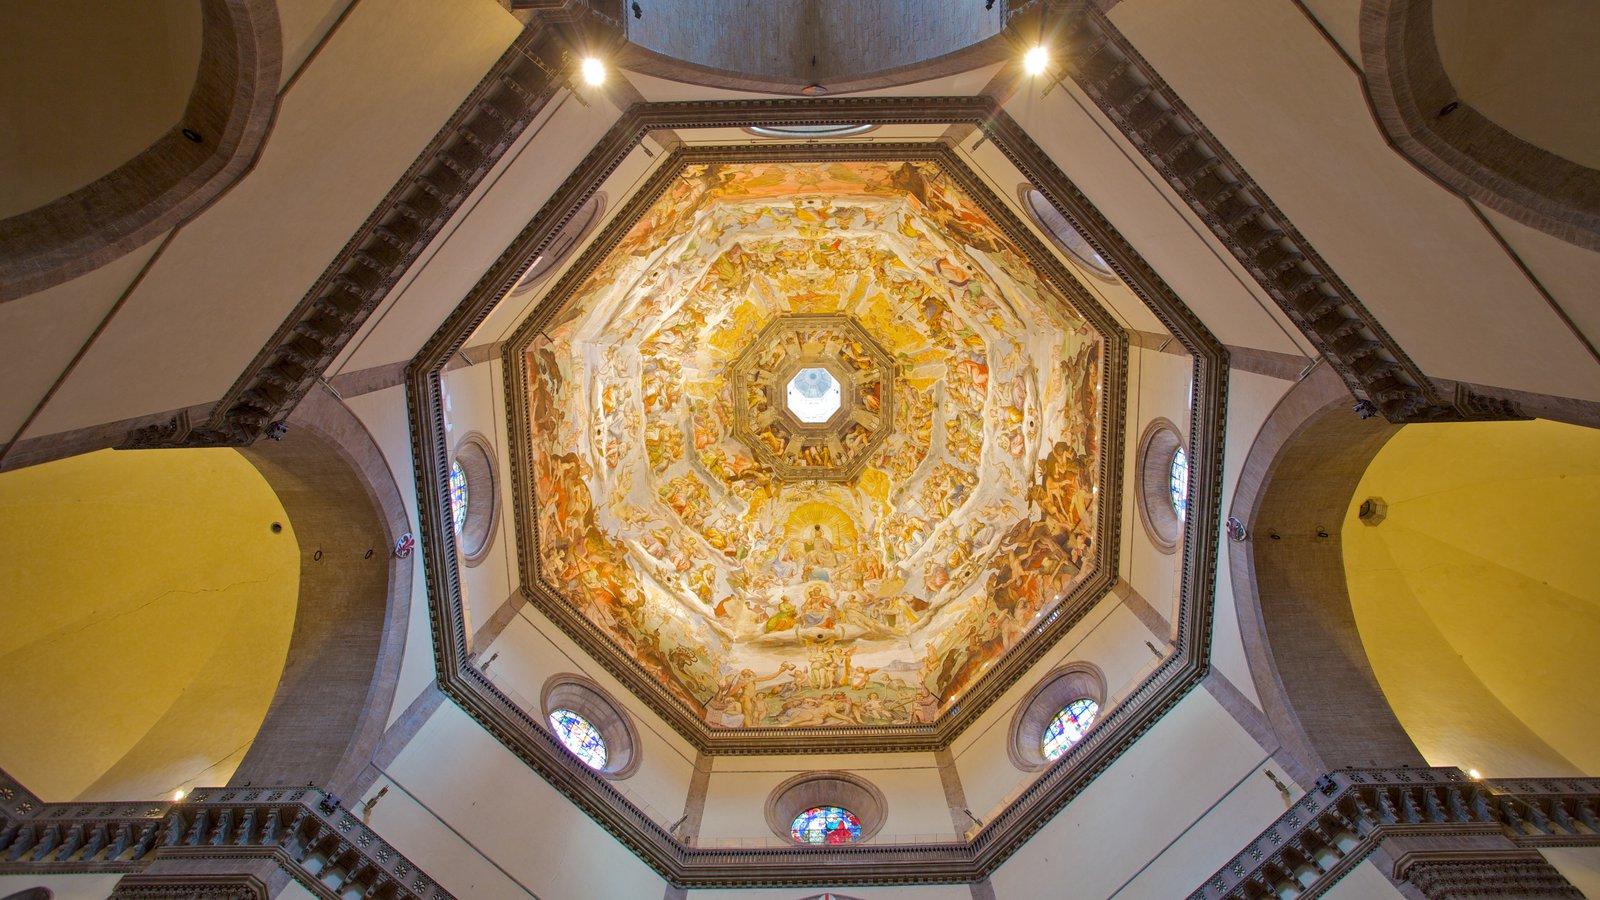 Catedral de Santa Maria del Fiore caracterizando aspectos religiosos, arquitetura de patrimônio e vistas internas